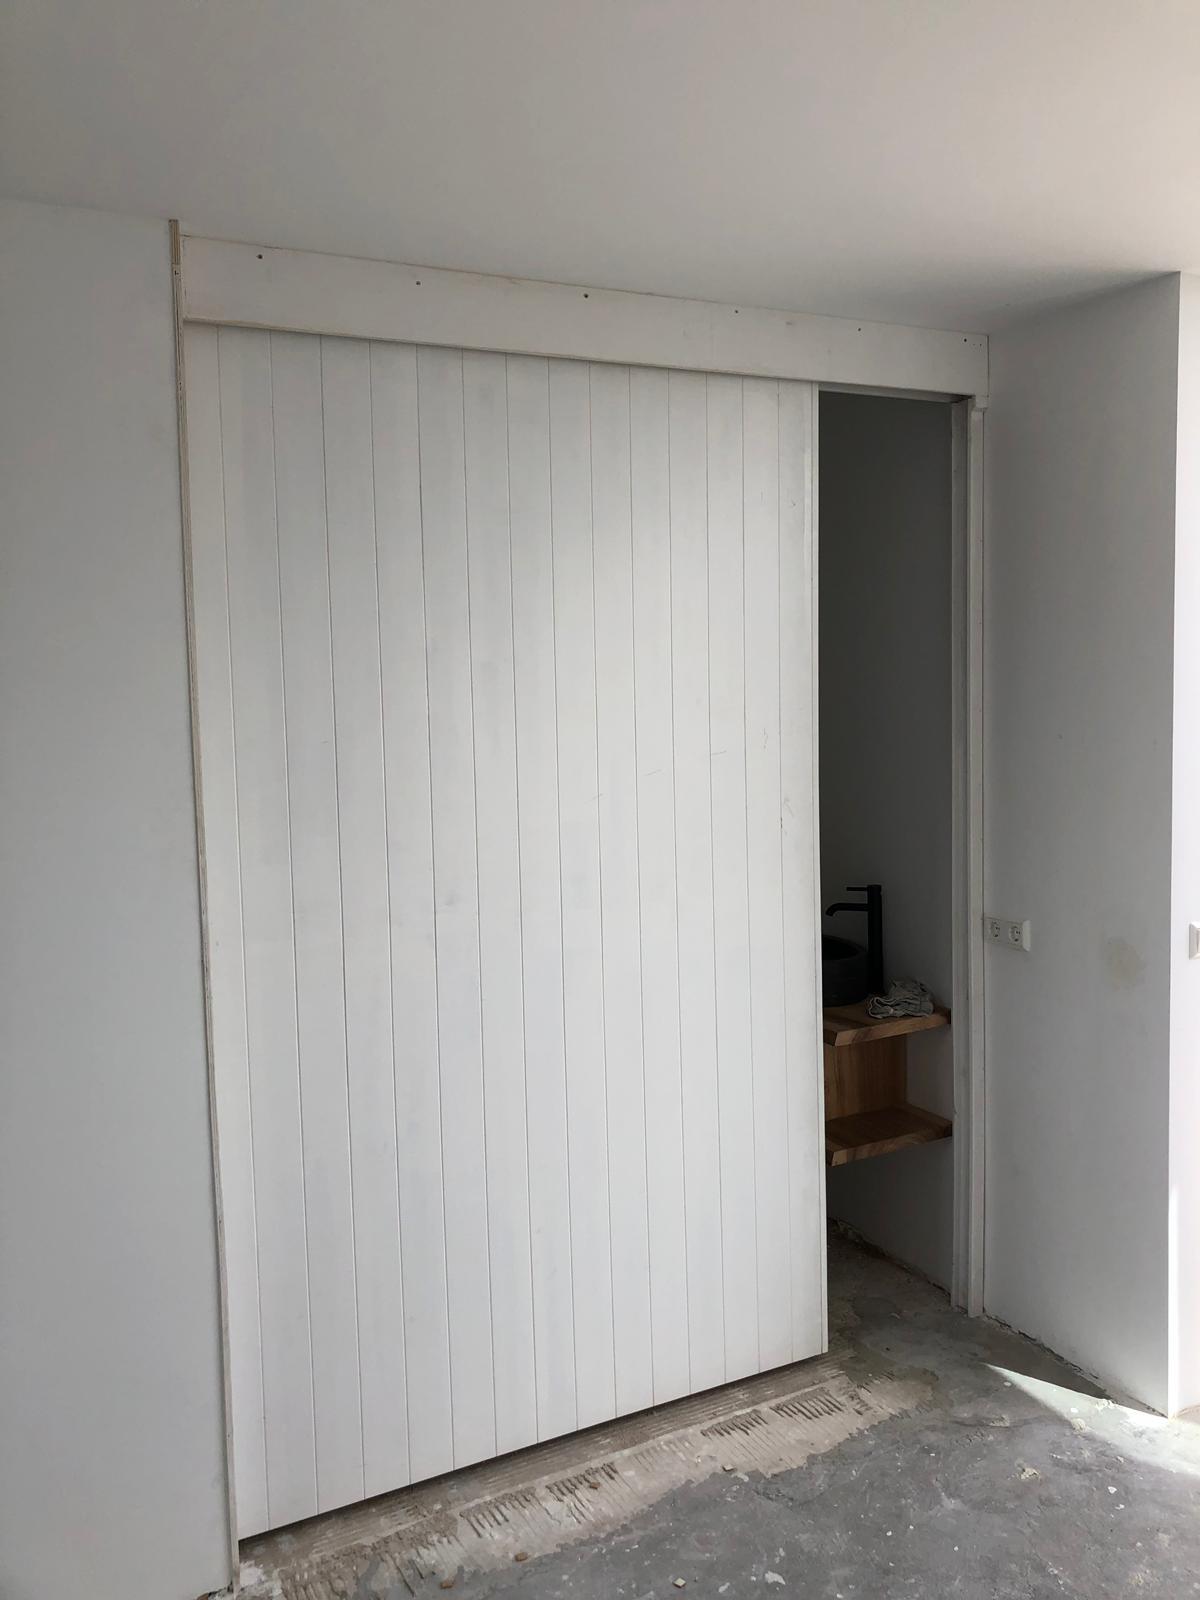 UFA Bouw_Dakuitbouw Westerdoksdijk_Dakopbouw interieur schuifdeur 3